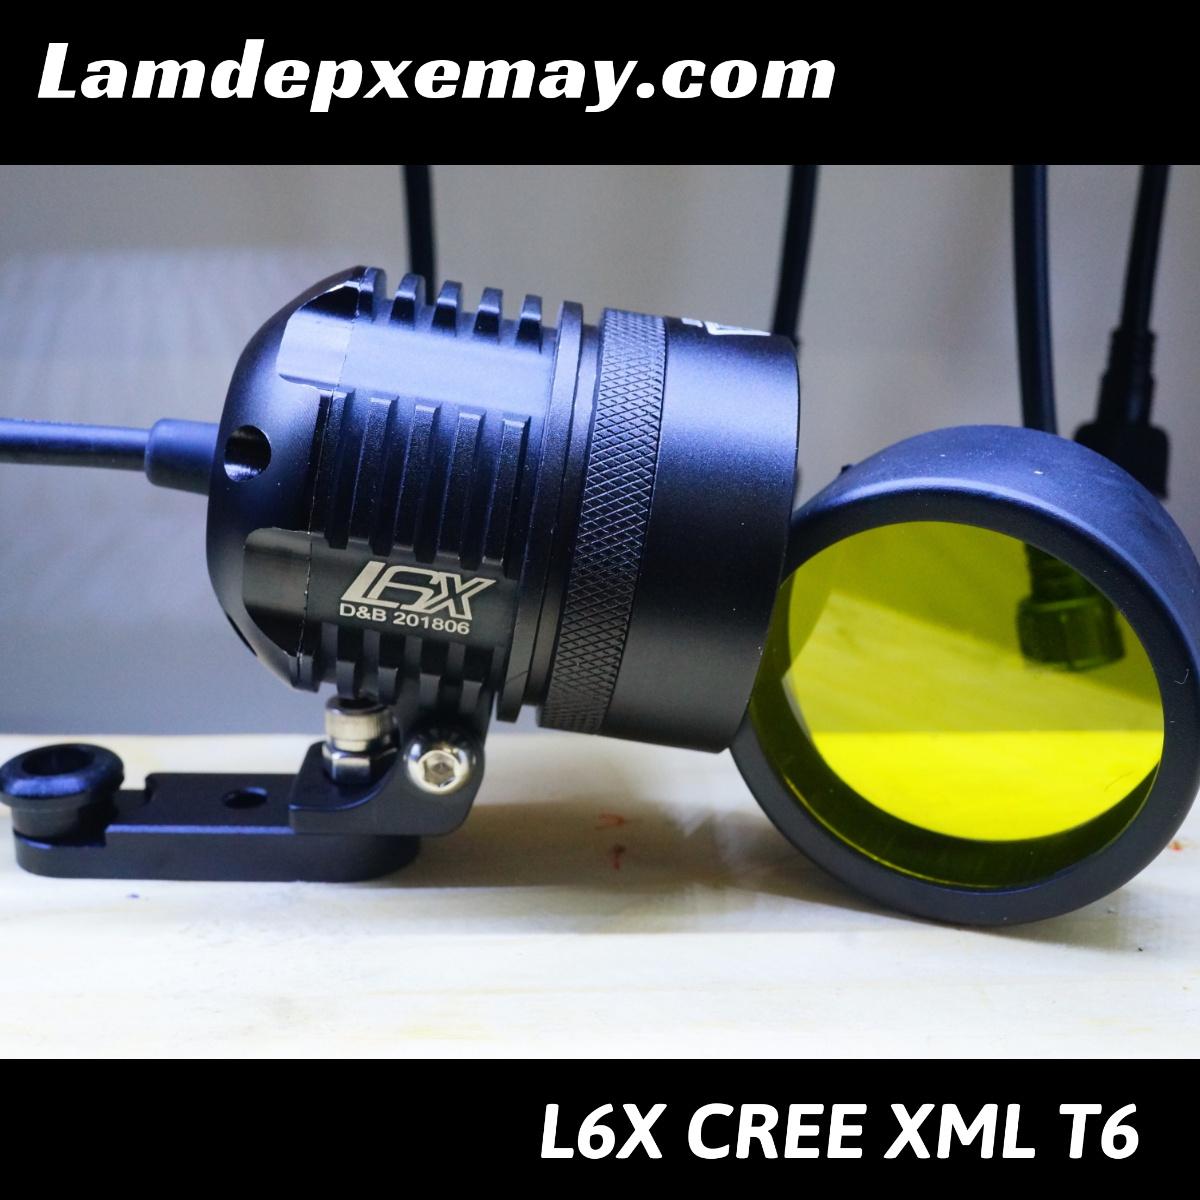 L6x kính tím XML T6 ( ngưng bán )